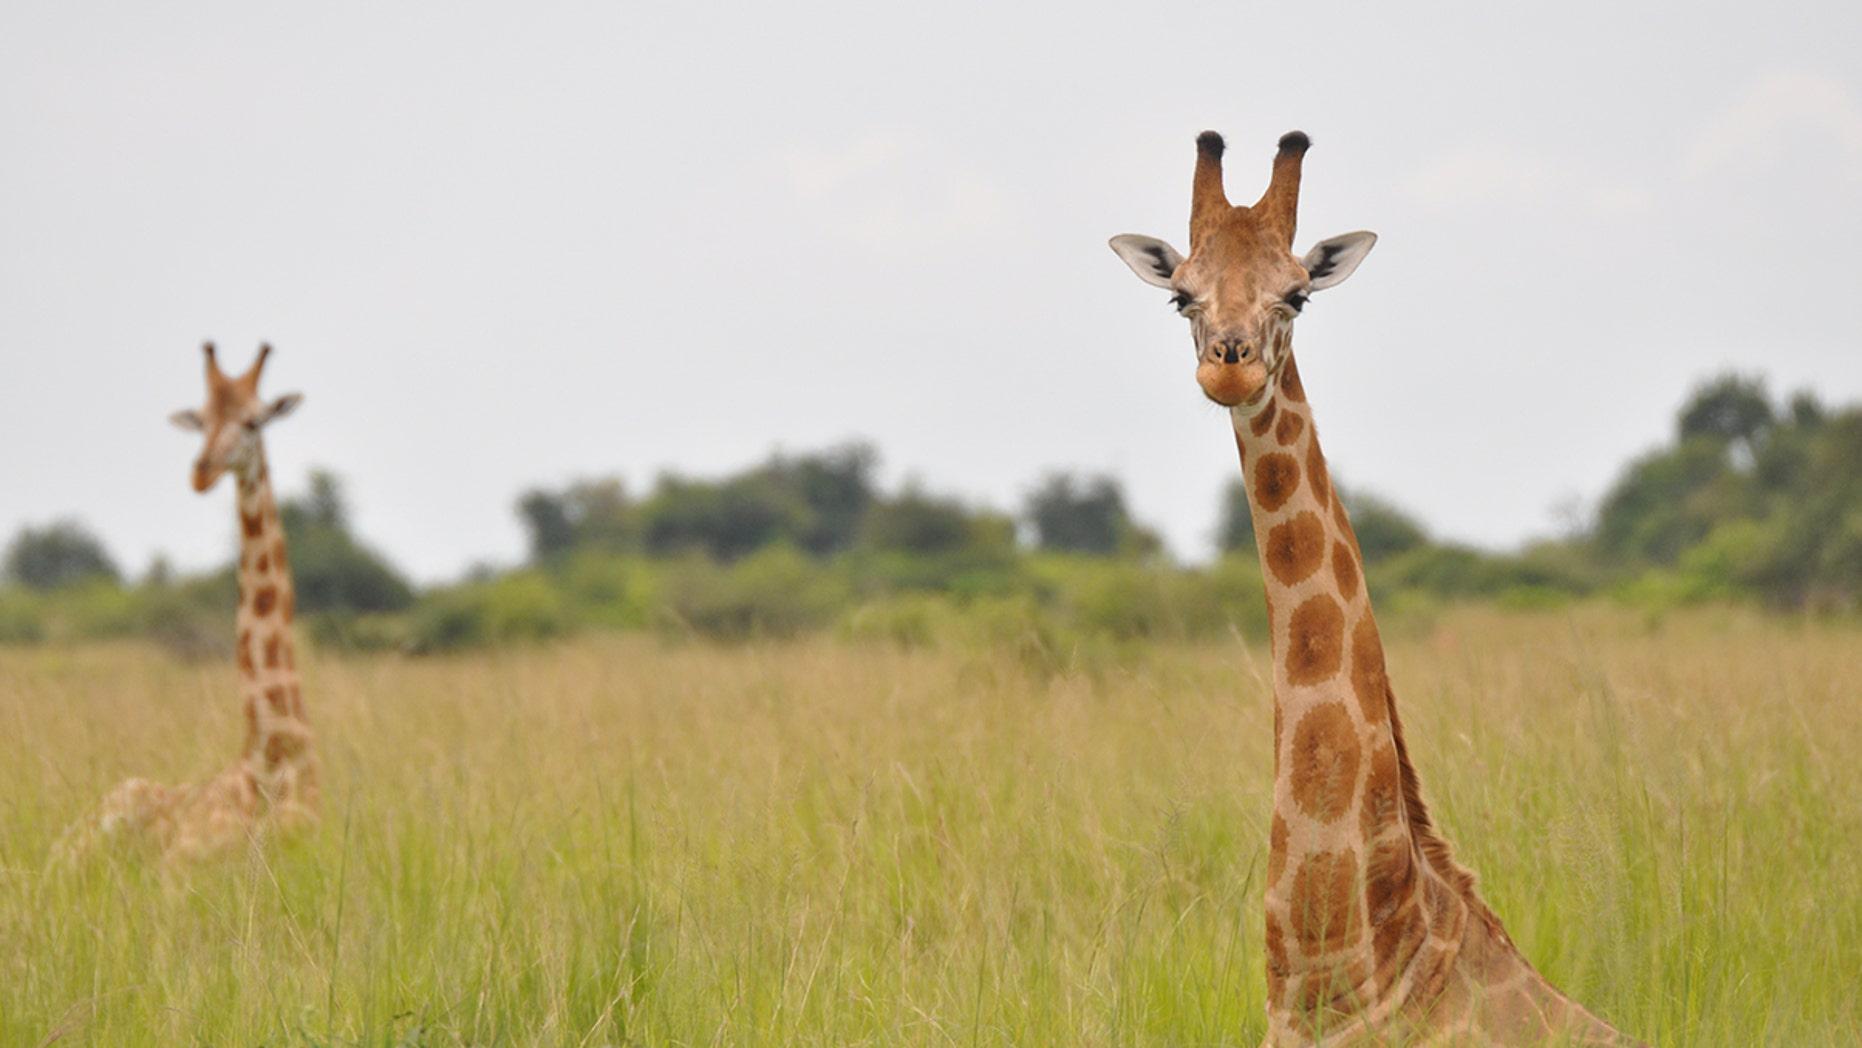 A Nubian giraffe in Murchison Falls National Park, Uganda.